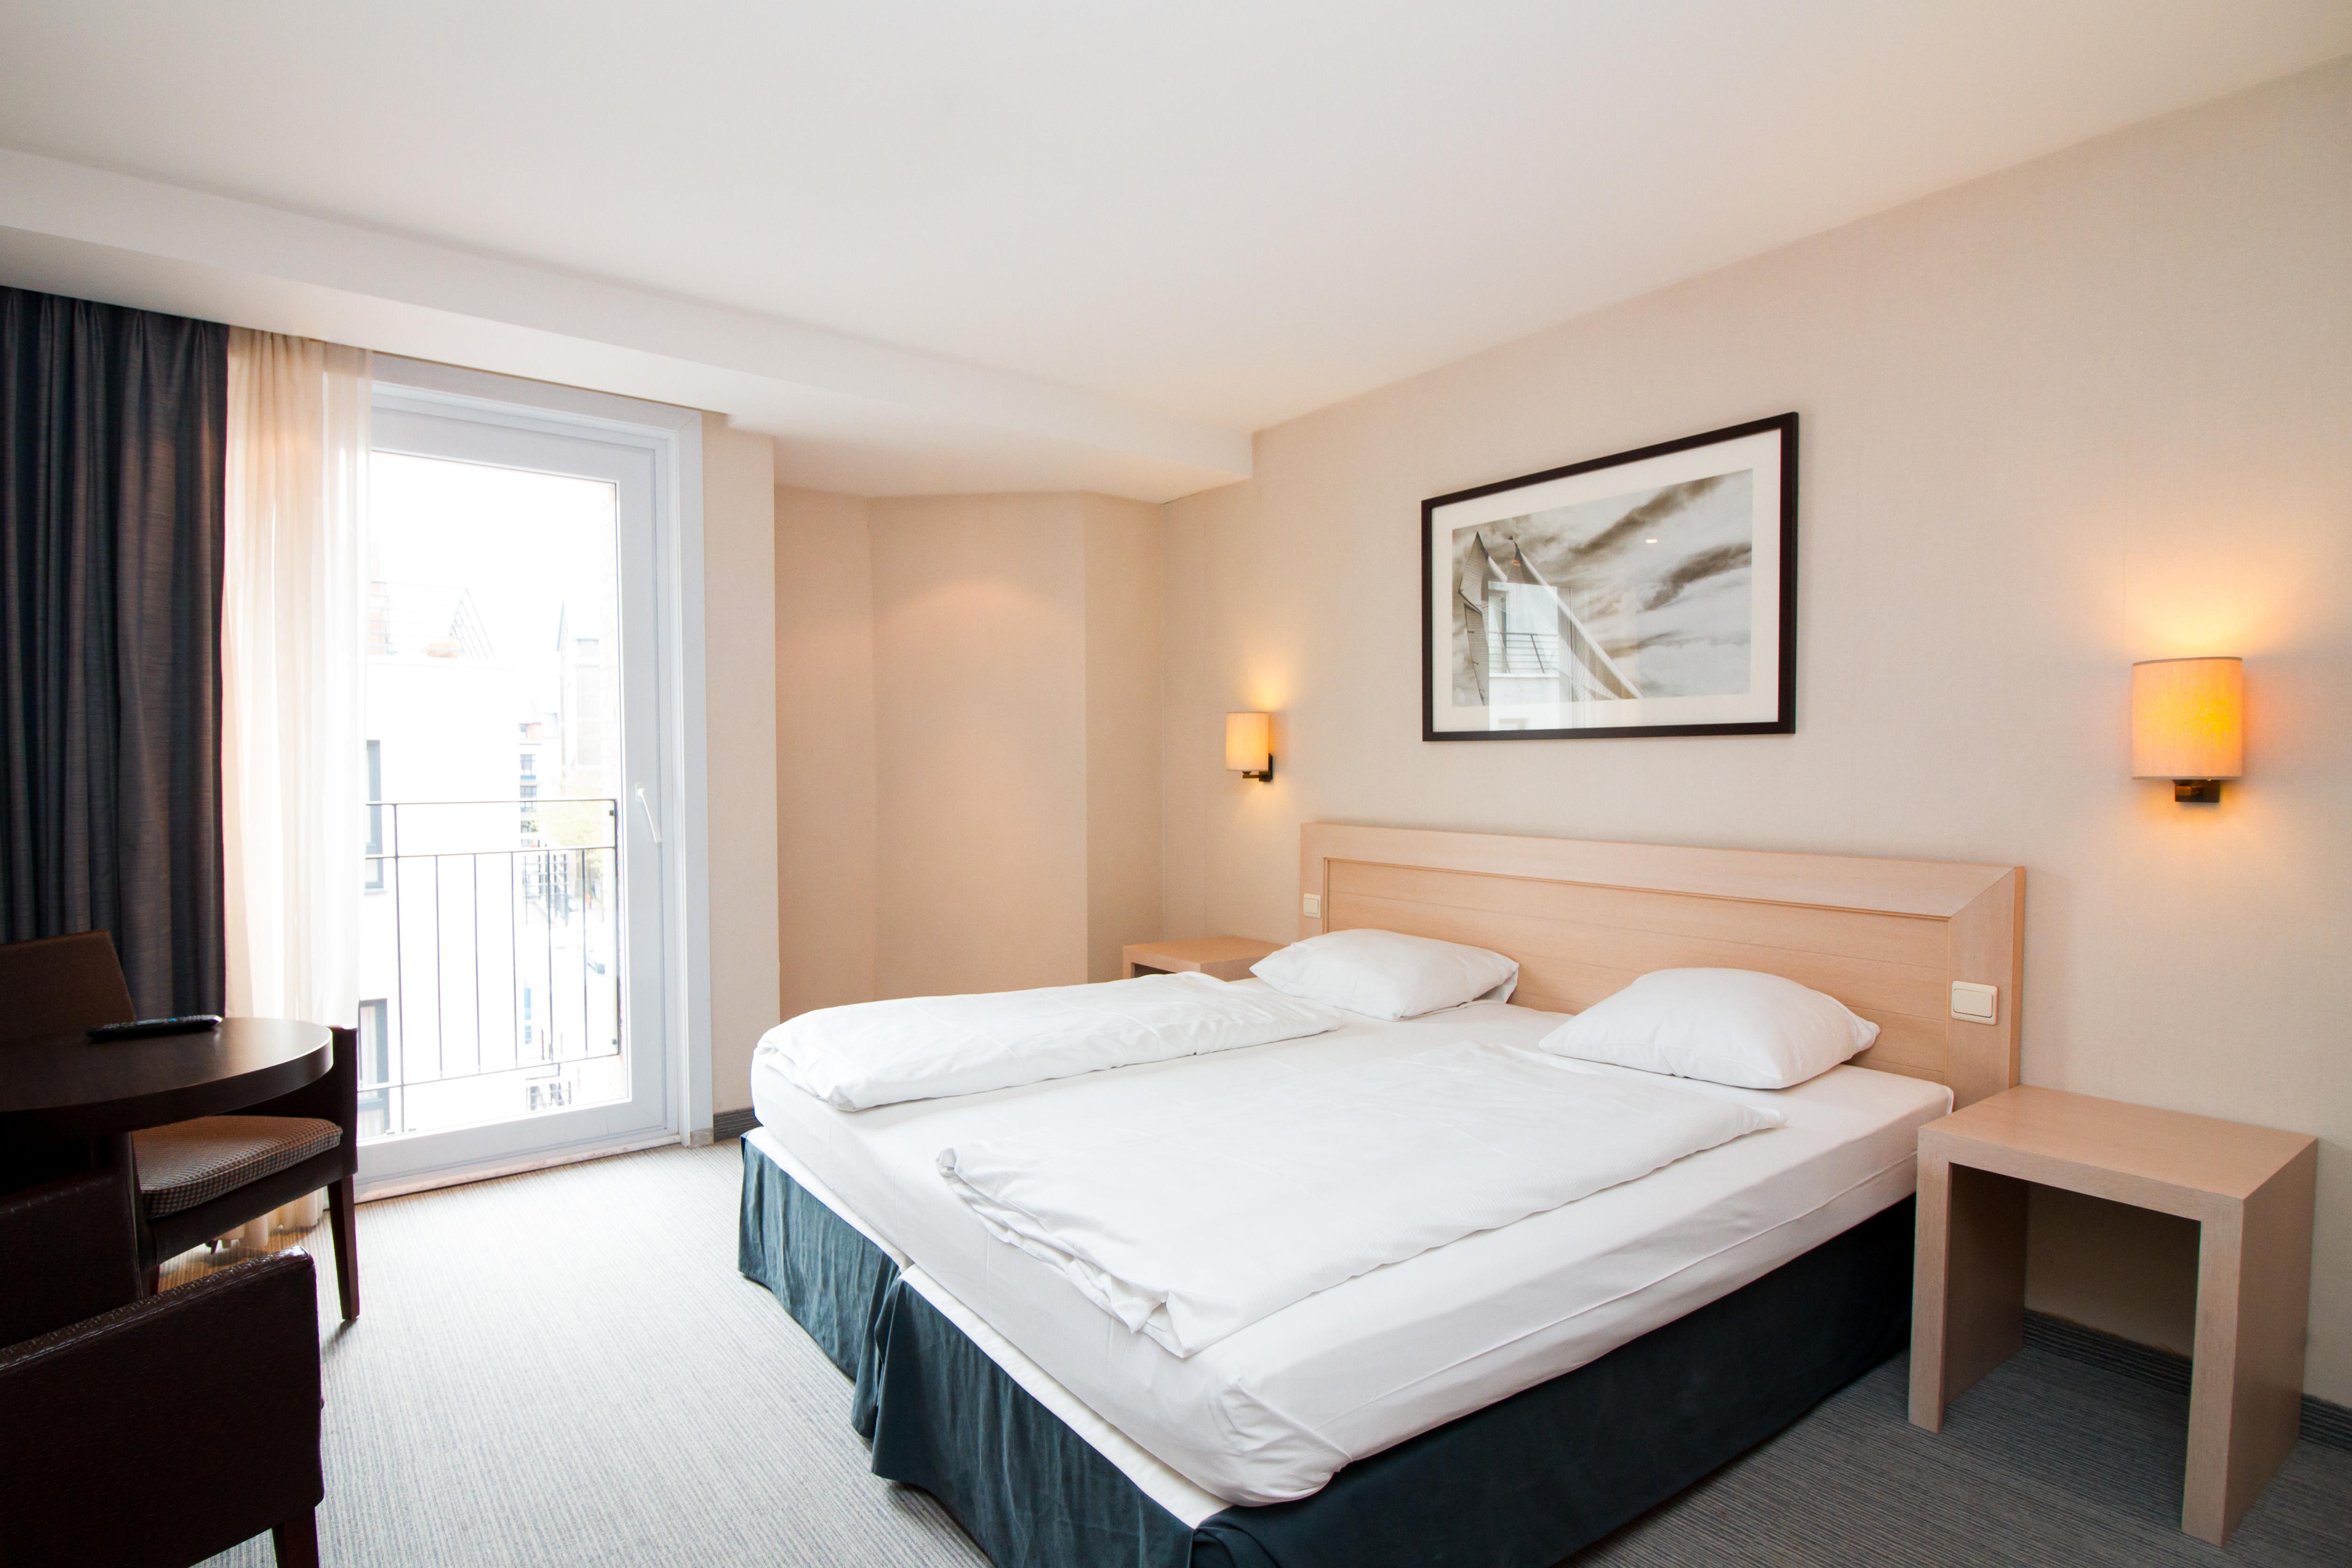 hotel-aazaert thumbnail